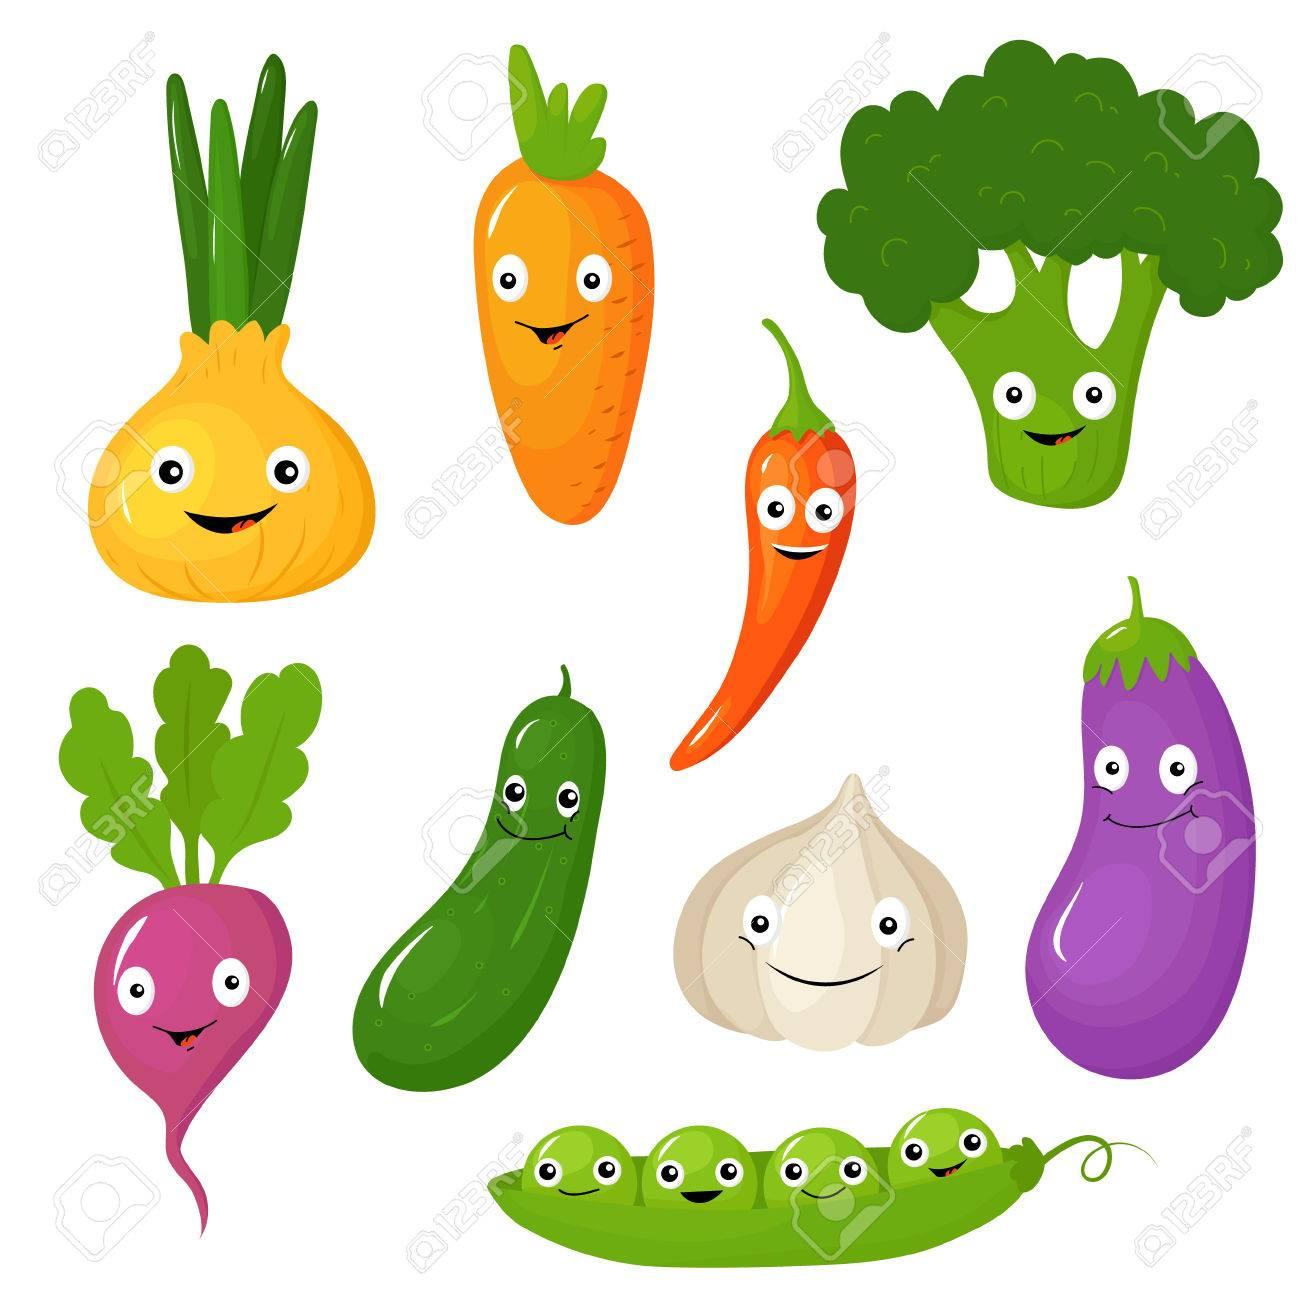 Conjunto De Sonriente Verduras De Dibujos Animados Lindo Ilustración Vectorial Colección